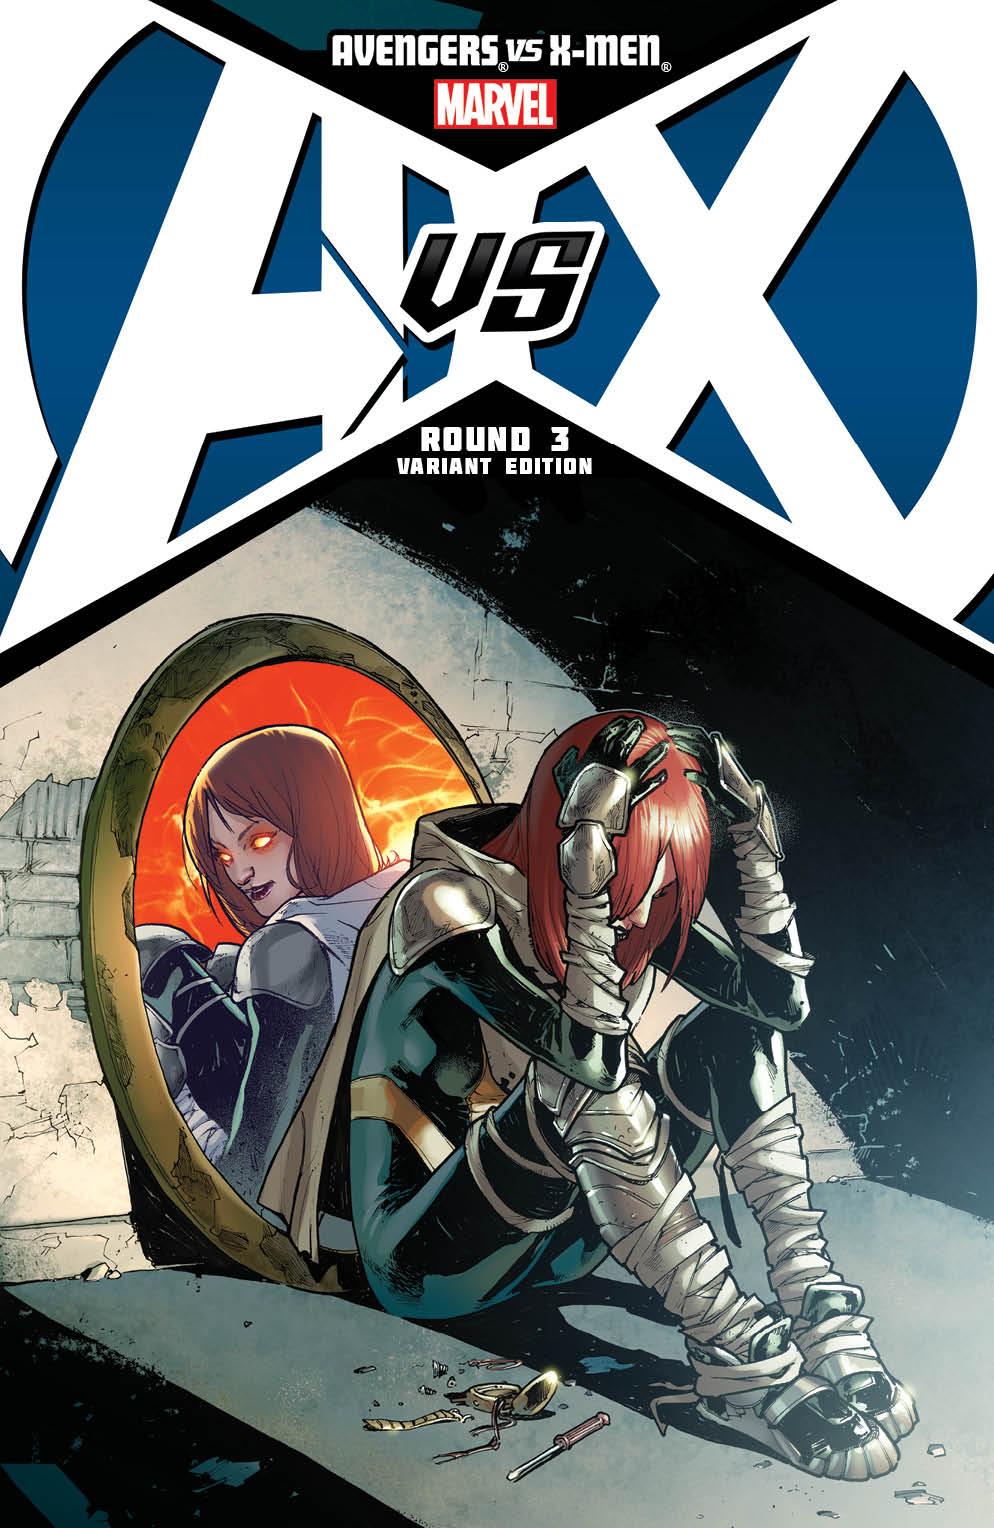 AvengersVSXMen_3_VariantPichelli Marvel releases May AVENGERS VS. X-MEN covers